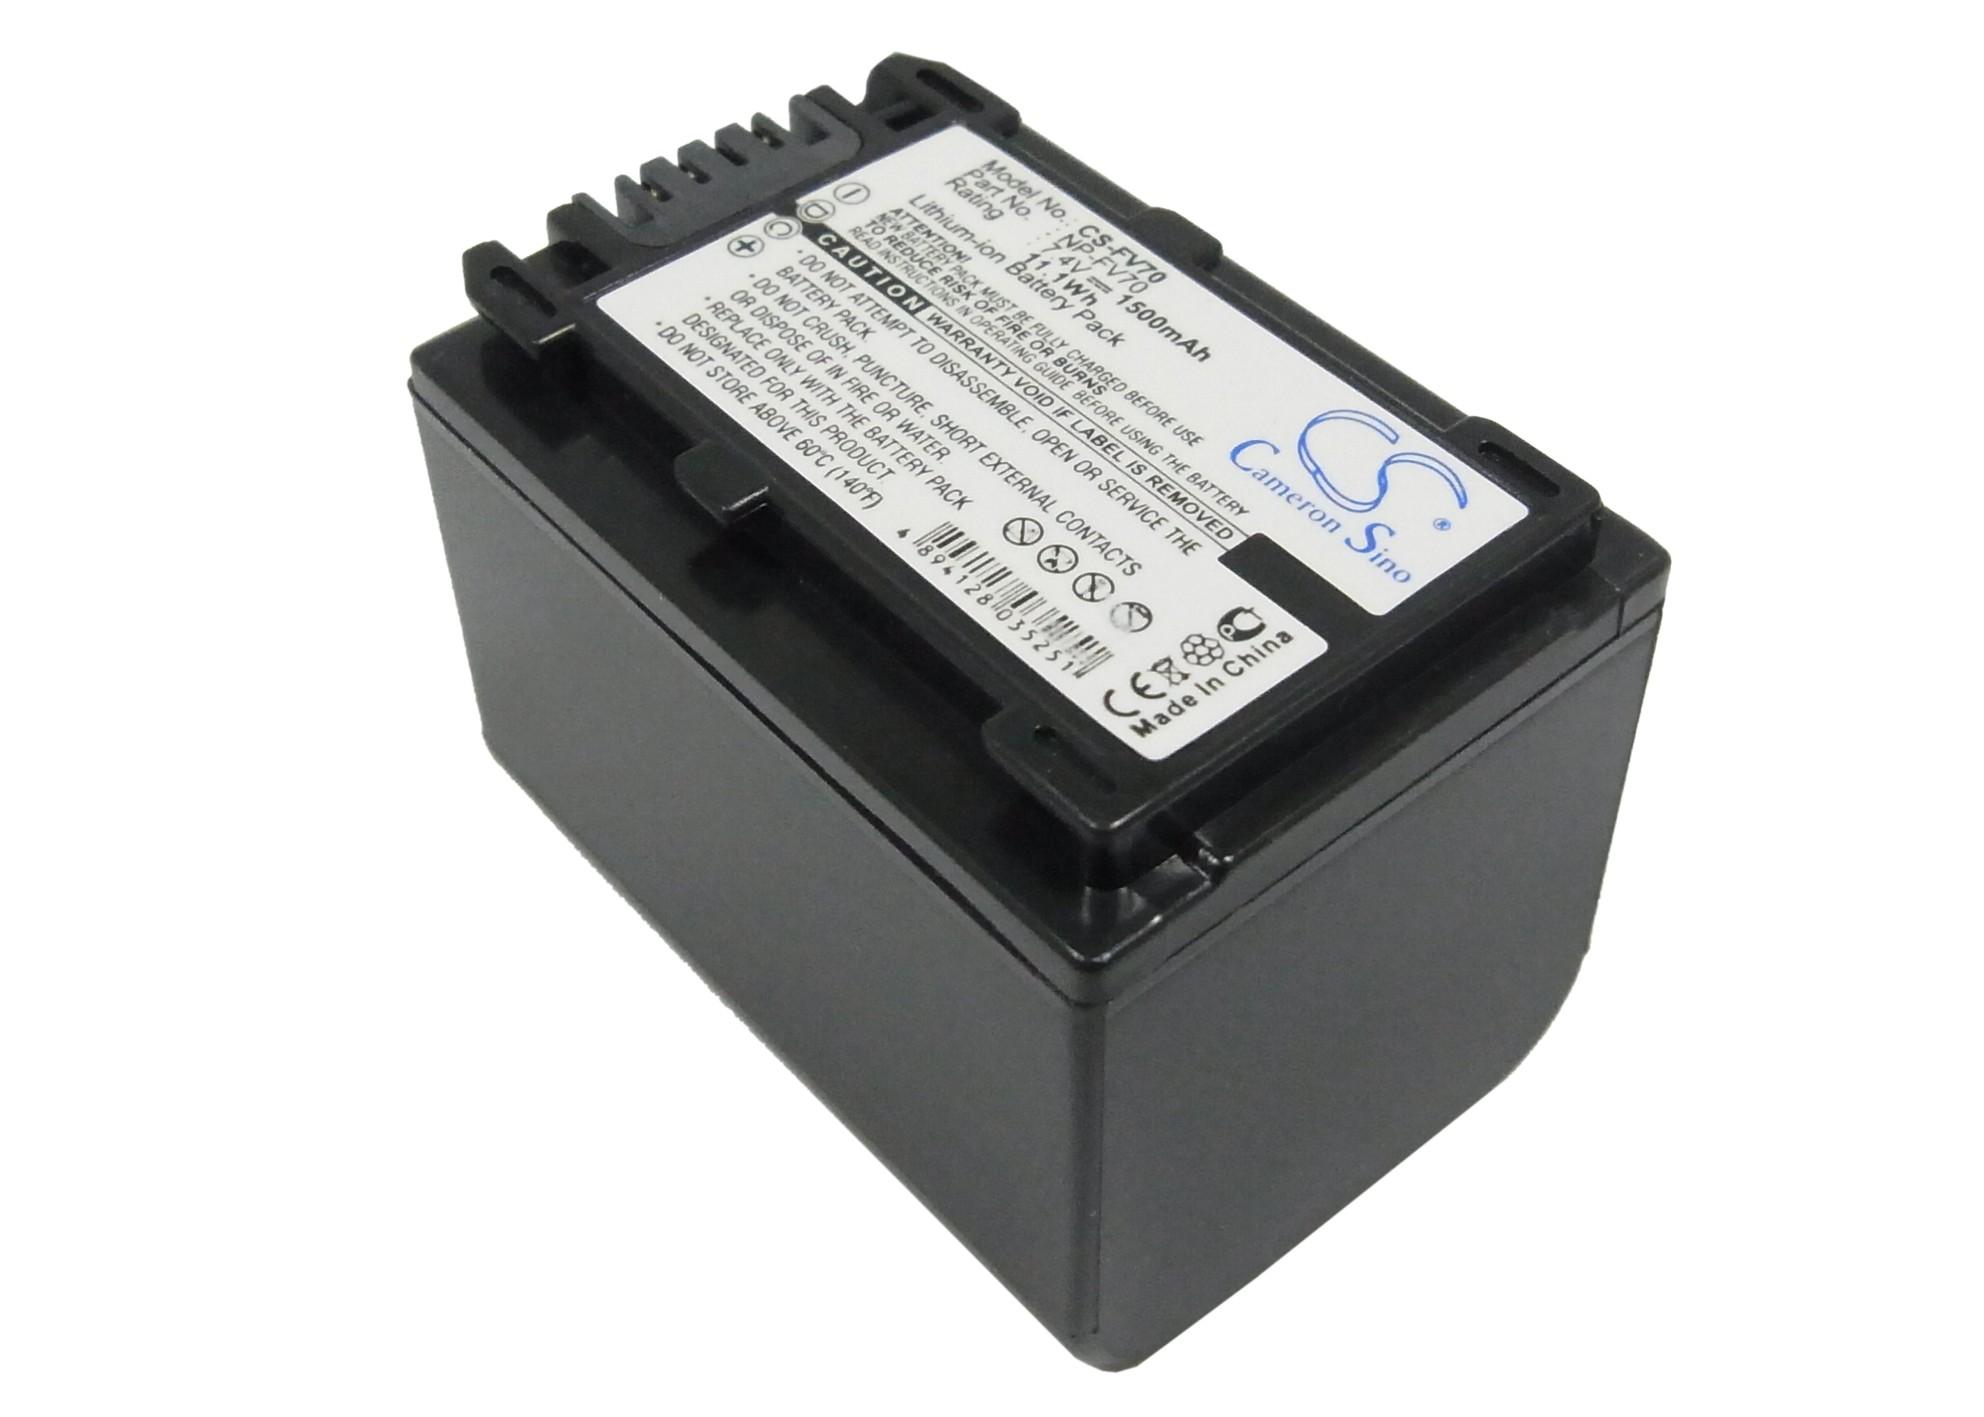 Cameron Sino baterie do kamer a fotoaparátů pro SONY DCR-DVD150 7.4V Li-ion 1500mAh černá - neoriginální